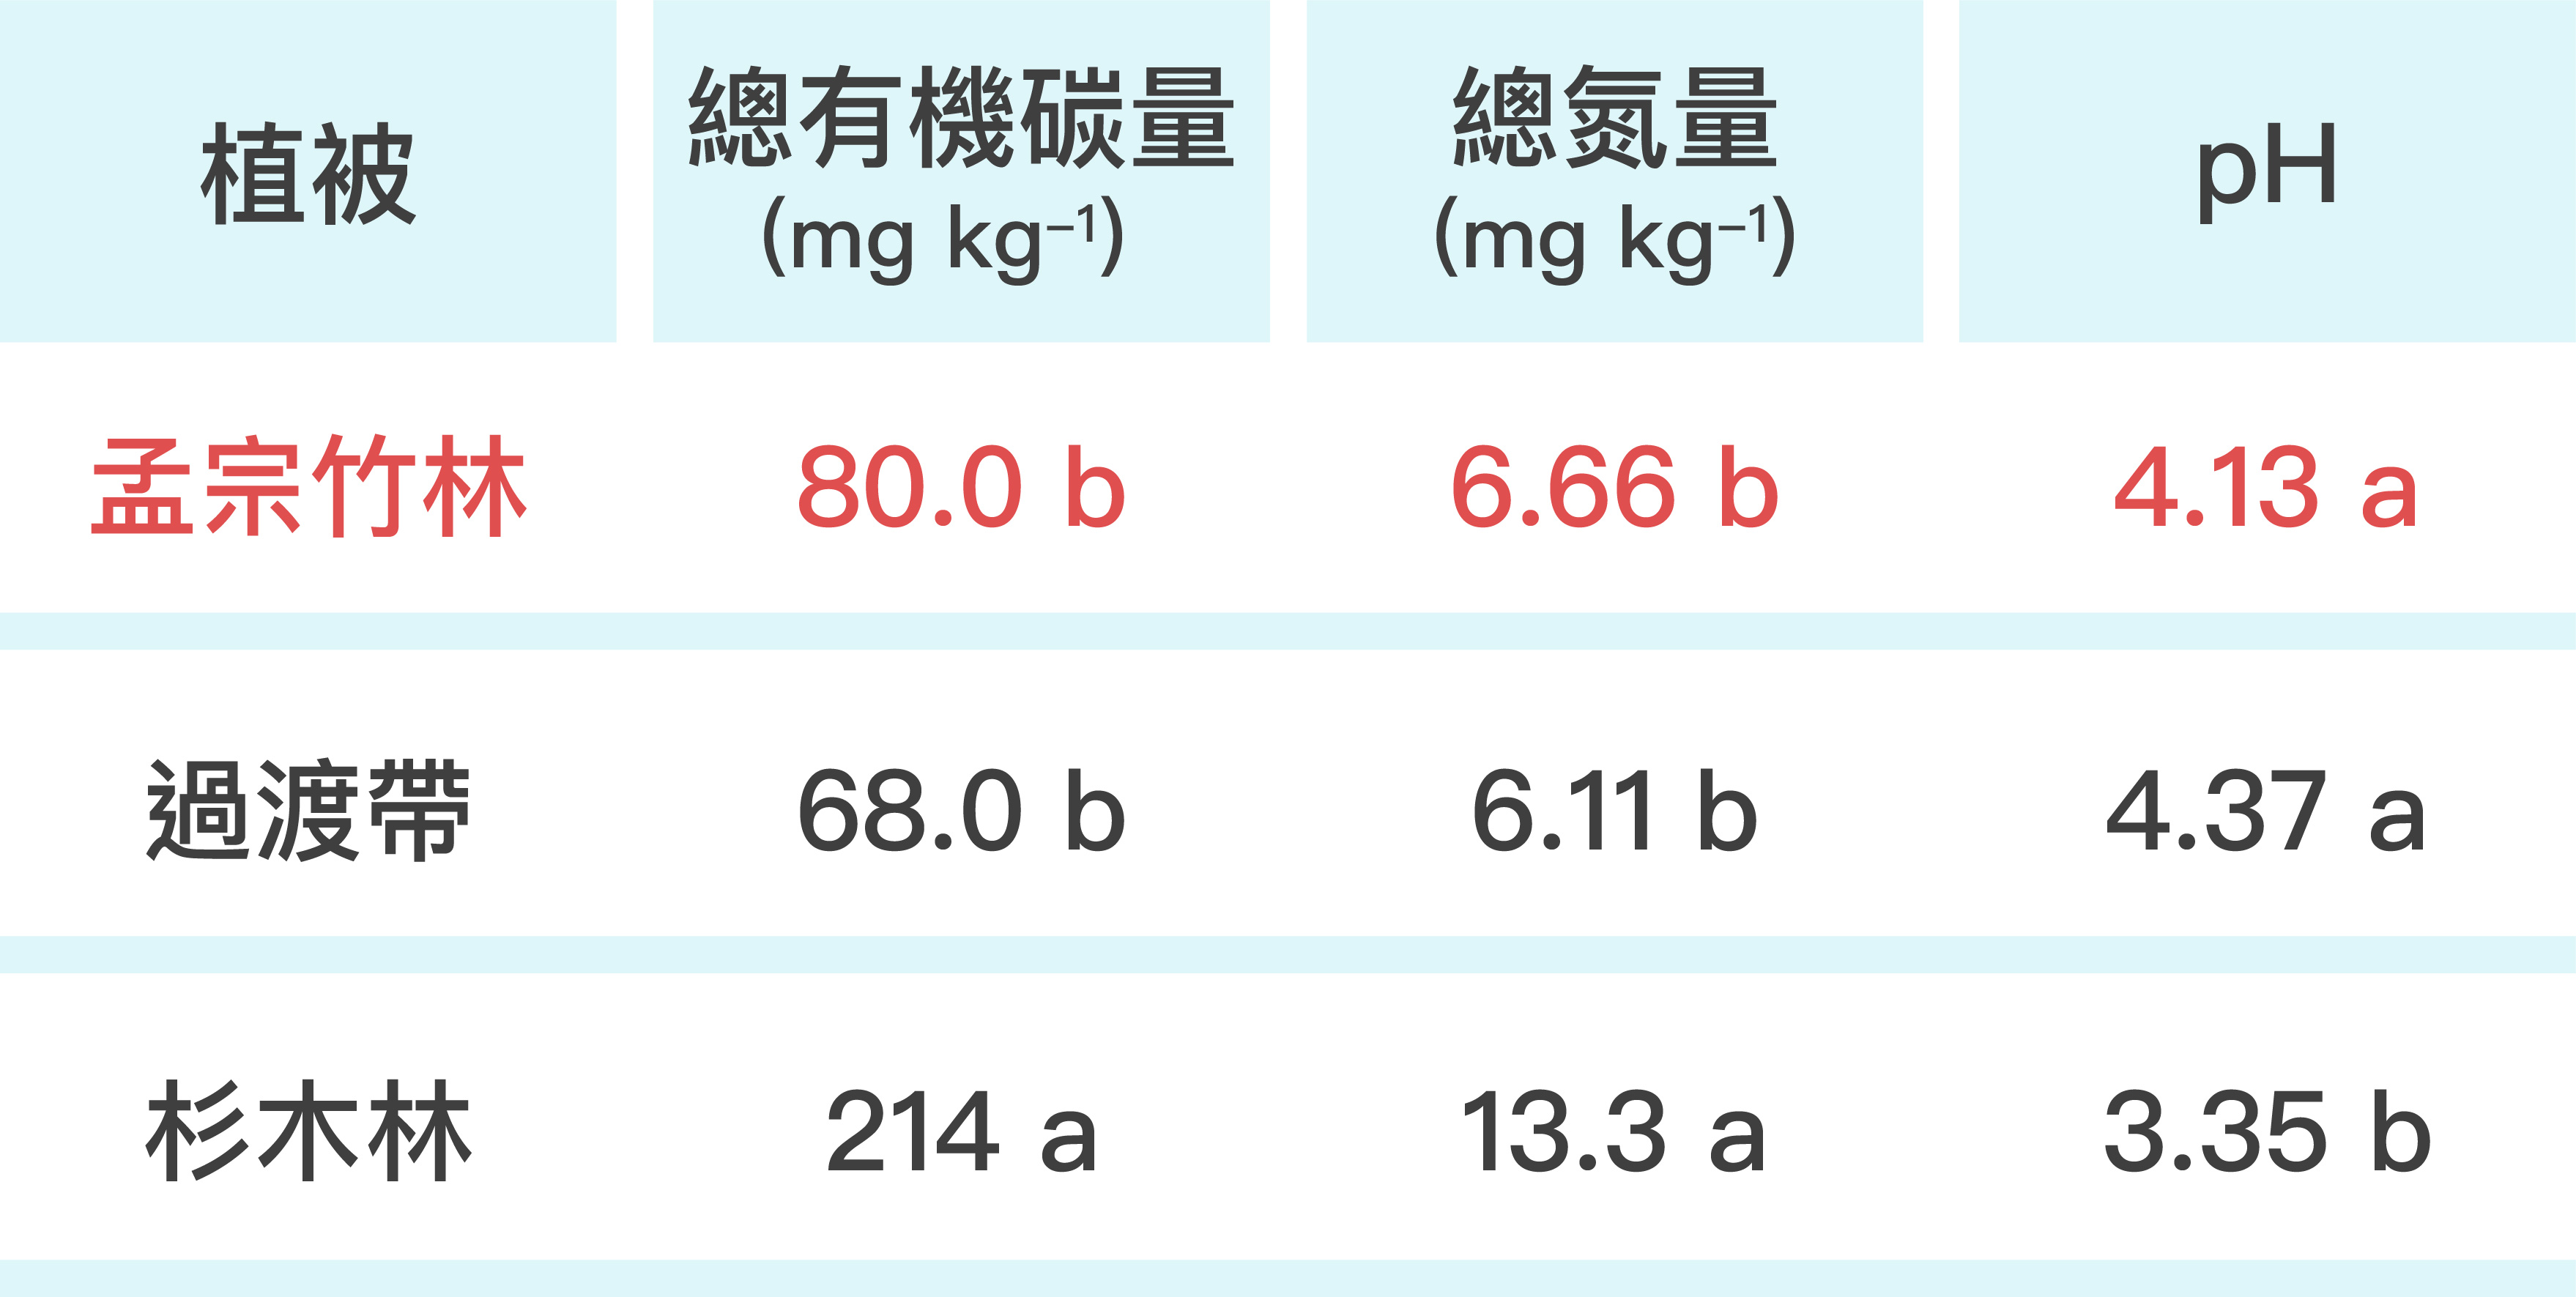 """與杉木林的土壤相比,孟宗竹林土壤的總有機碳量、總氮量明顯減少,至於 pH 值則升高,顯示孟宗竹林入侵造成土壤有機物含量減少,導致土質劣化。圖│研之有物、廖英凱(資料來源│Chang, E.H. and Chiu C.Y.* , 2015, """"Changes in soil microbial community structure and activity in a cedar plantation invaded by moso bamboo """", Applied Soil Ecology, 91, 1-7. )"""